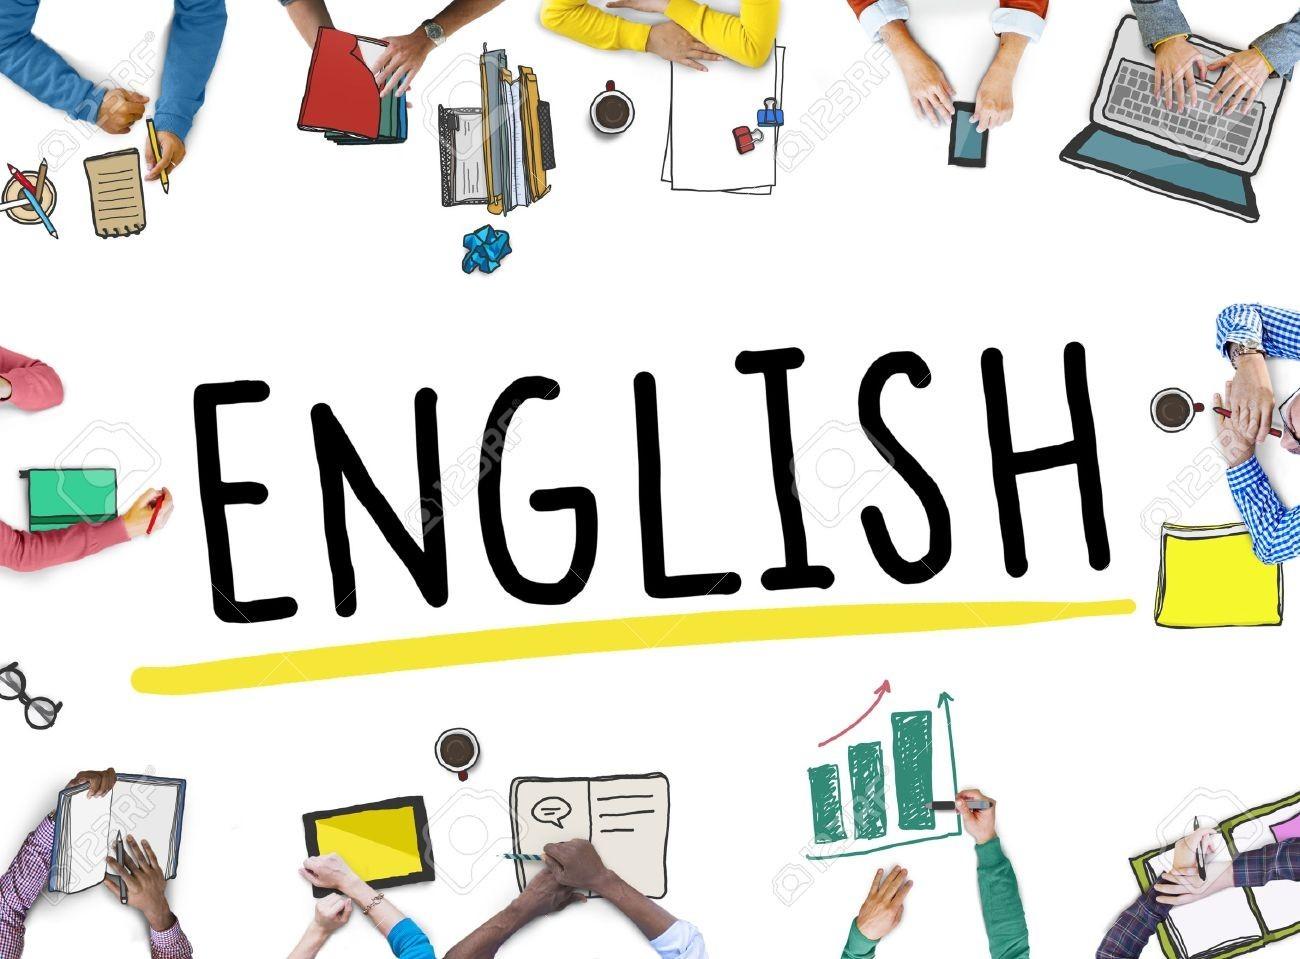 เรียนเสริมภาษาอังกฤษ อย่างไรให้ลูกเป็นเร็ว